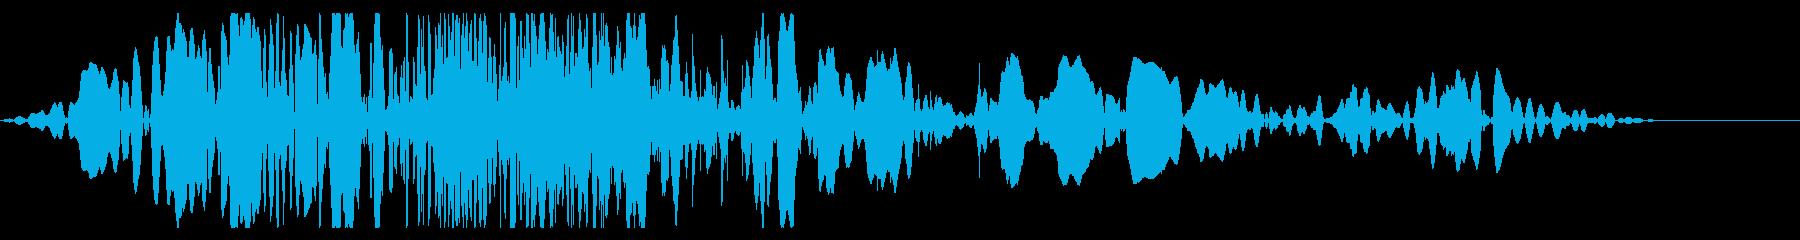 ロボティックボブキャット、ローグロ...の再生済みの波形